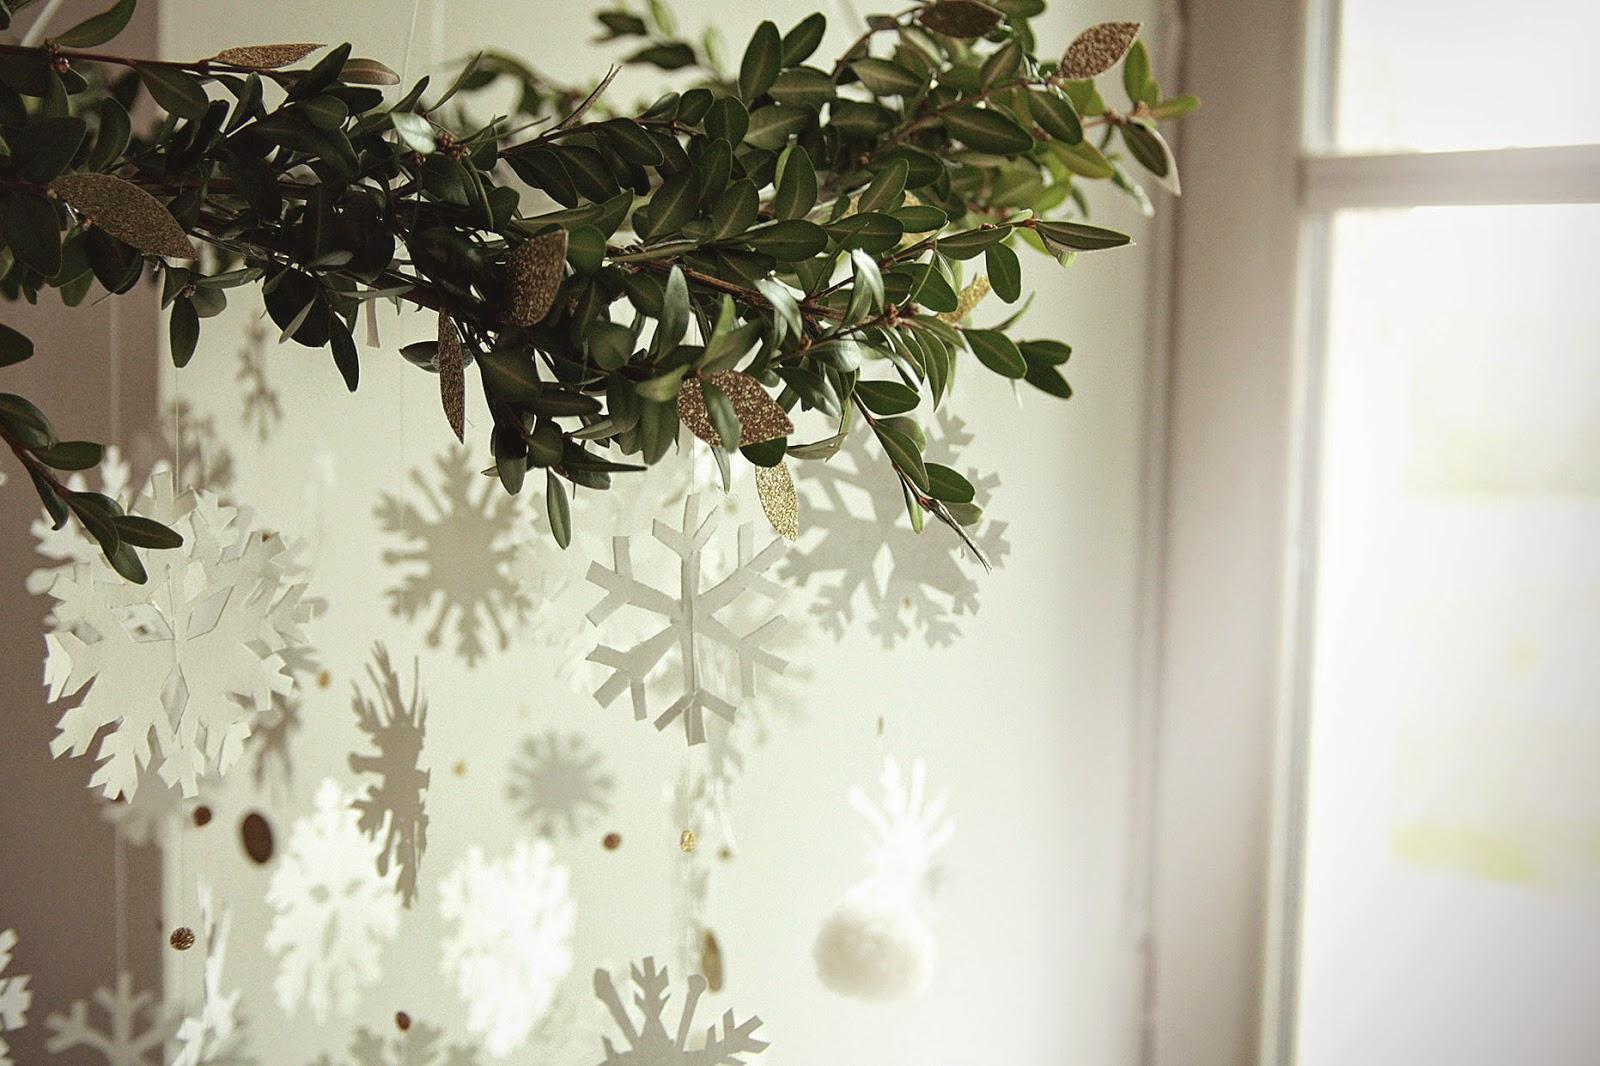 Suspension de Noël - Aux petites merveilles (c)